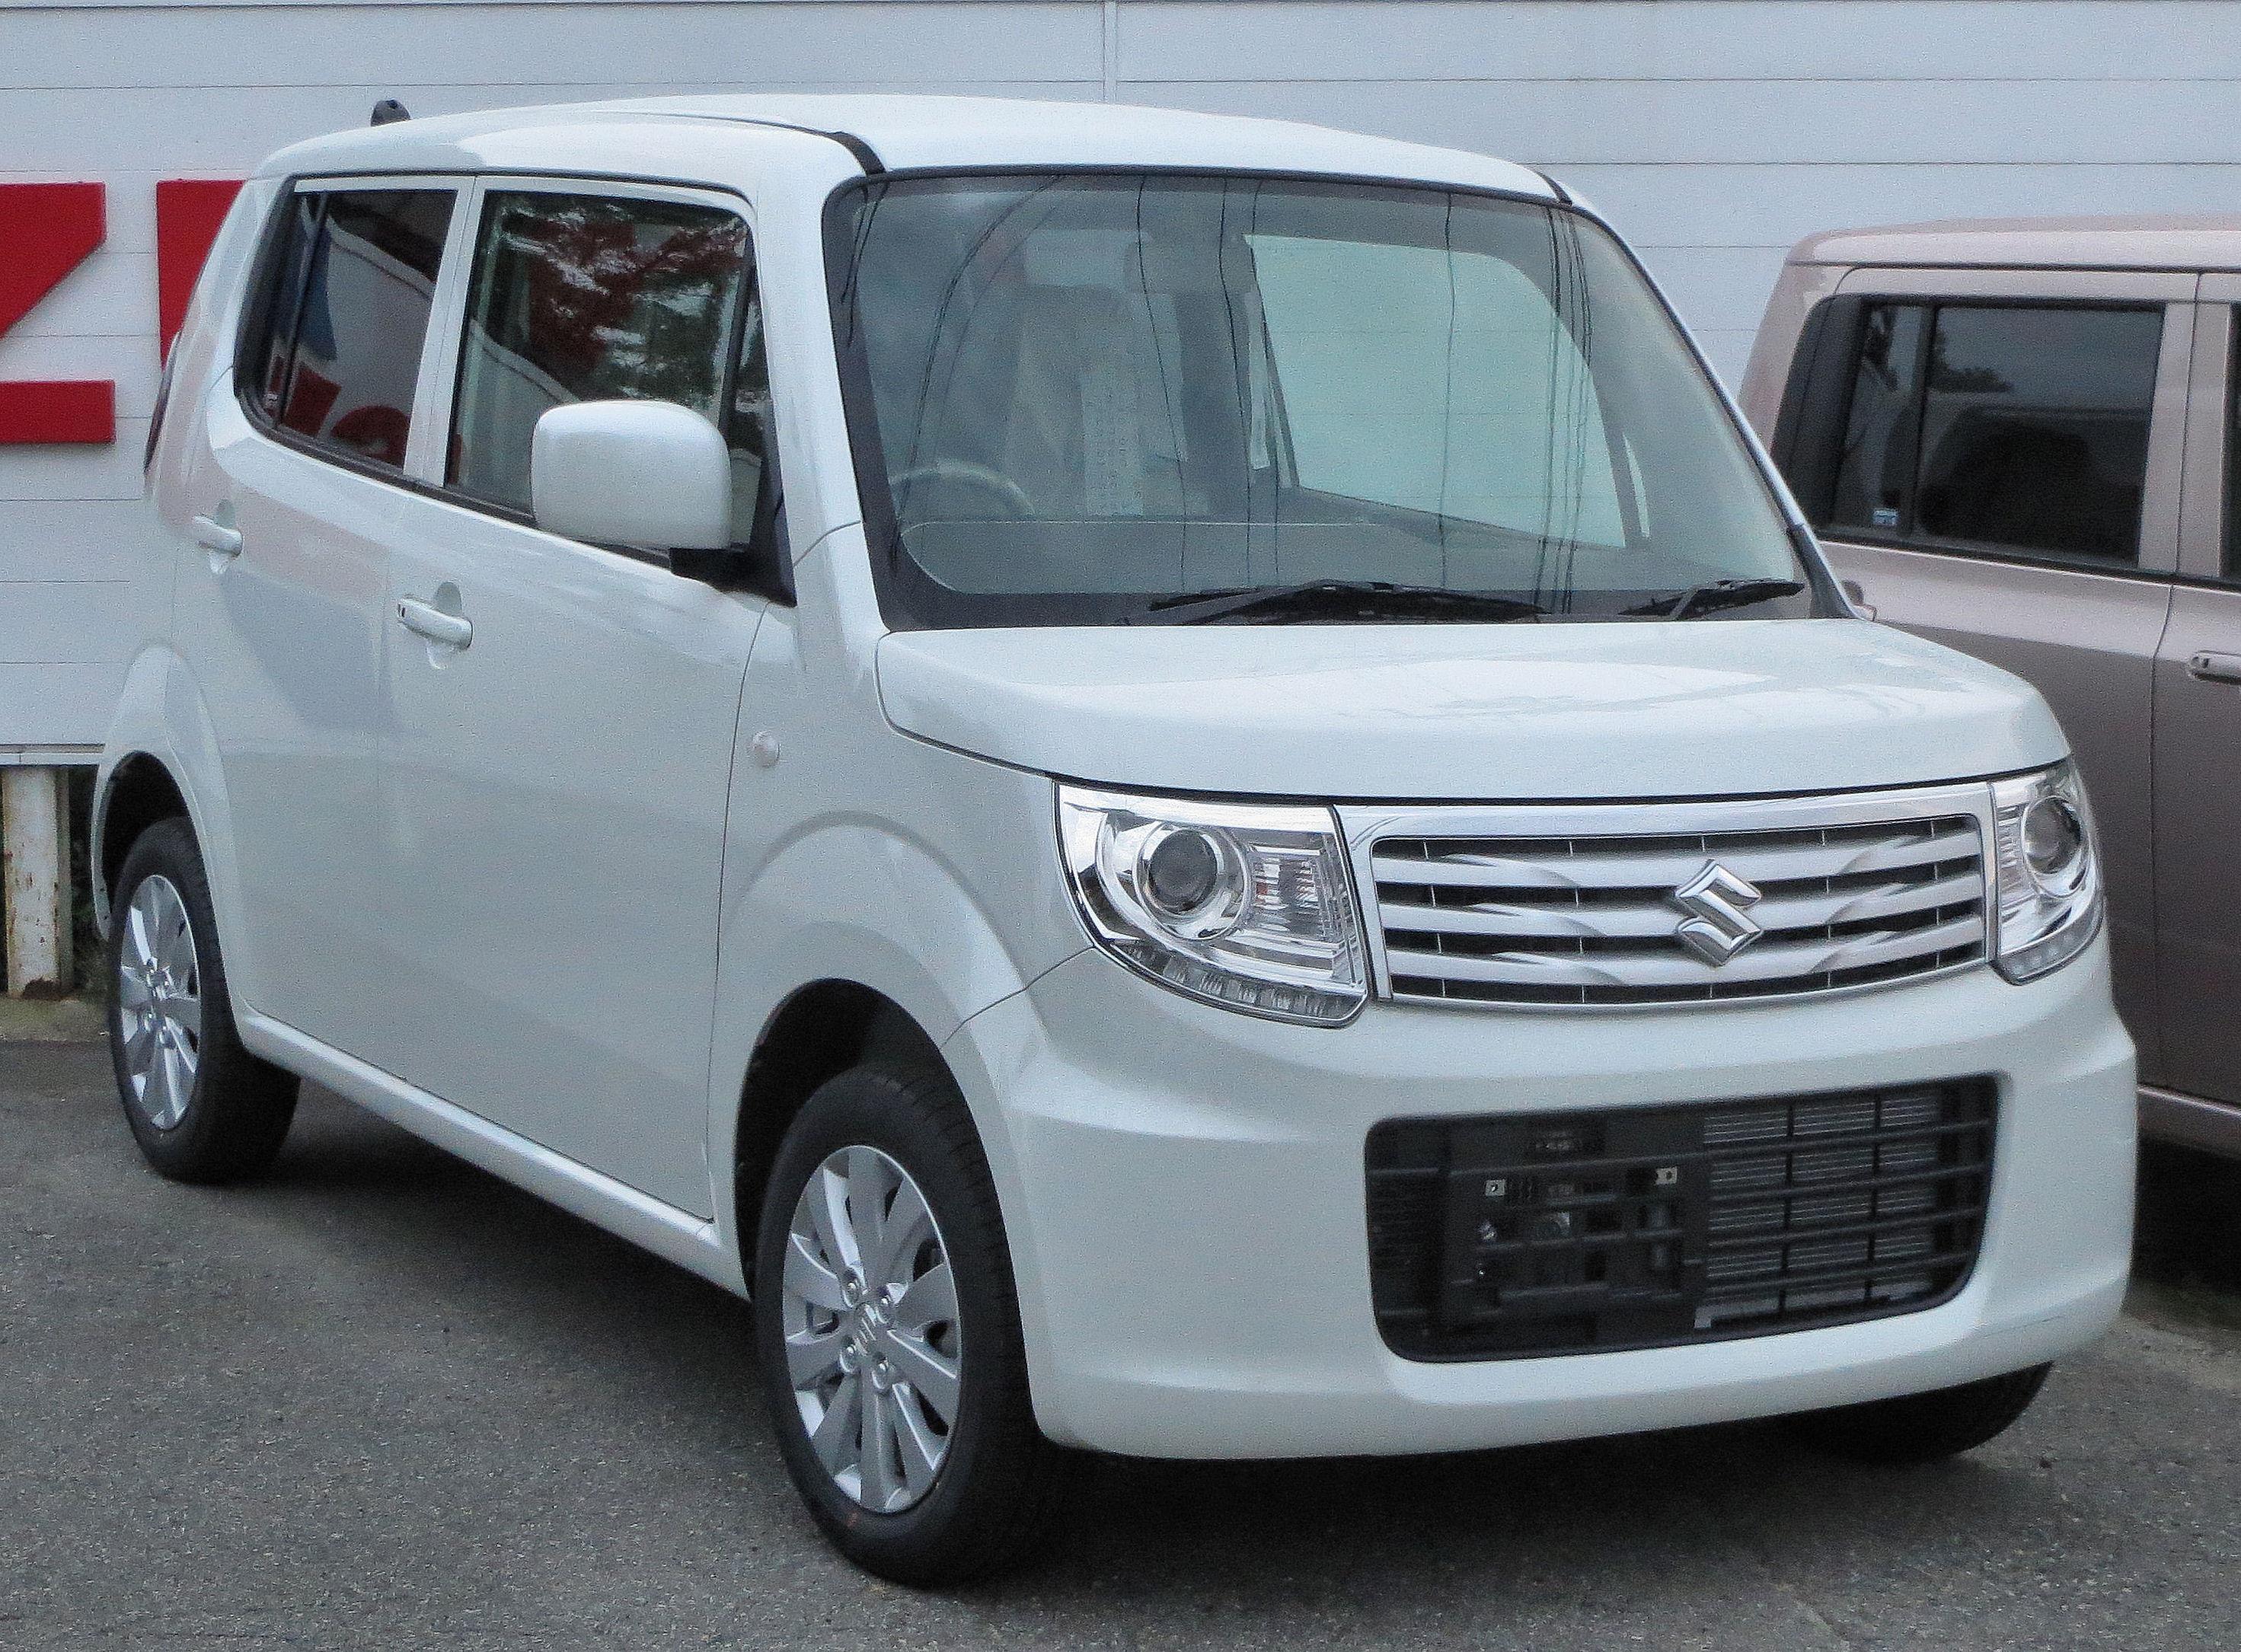 Suzuki Mr For Sale Craigslist